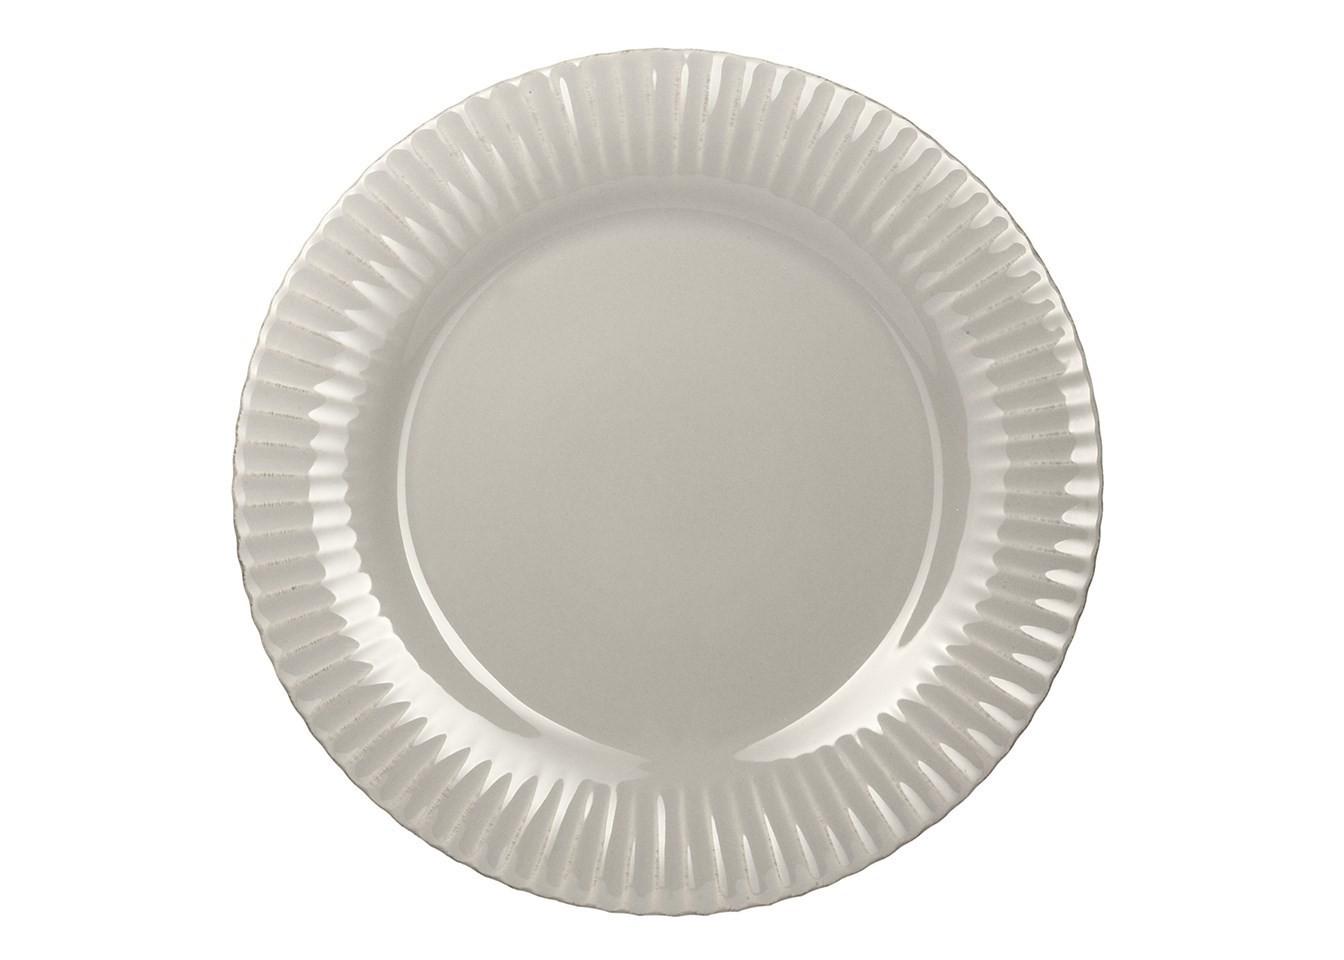 ТарелкаТарелки<br>&amp;lt;span style=&amp;quot;line-height: 22.7272px;&amp;quot;&amp;gt;Costa Nova (Португалия) – керамическая посуда из самого сердца Португалии. Керамическая посуда Costa Nova абсолютно устойчива к мытью, даже в посудомоечной машине, ее вполне можно использовать для замораживания продуктов и в микроволновой печи, при этом можно не бояться повредить эту великолепную глазурь и свежие краски. Такую посуду легко мыть, при ее очистке можно использовать металлические губки – и все это благодаря прочному глазурованному покрытию. Все серии посуды от Costa Nova отвечают международным стандартам качества. Керамическая посуда от Costa Nova не содержит такие вещества, как свинец и кадмий.&amp;lt;/span&amp;gt;<br><br>Material: Керамика<br>Diameter см: 33